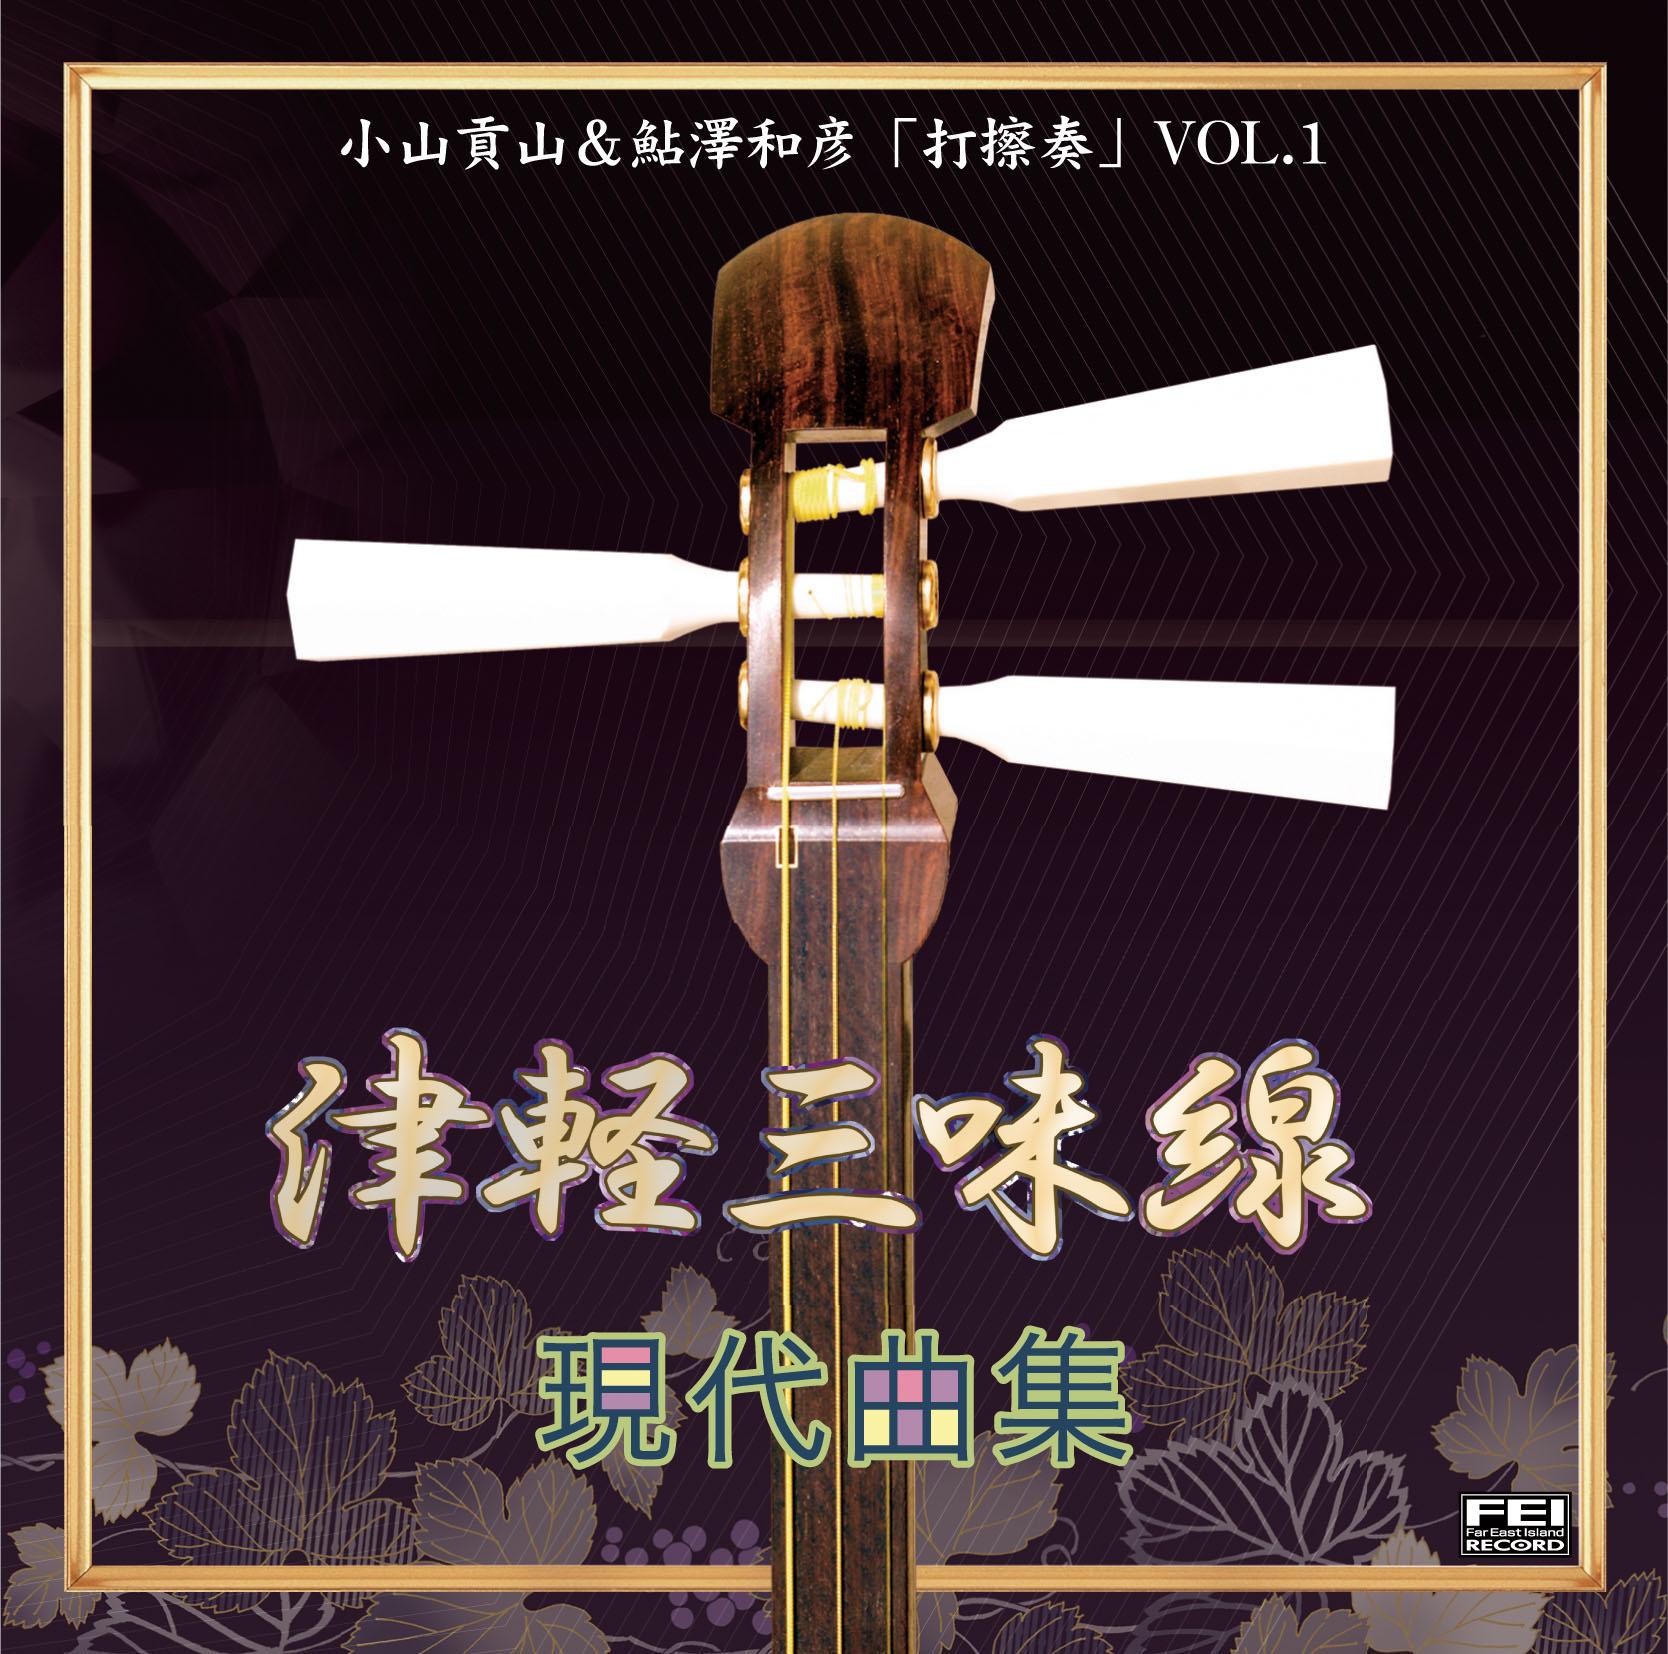 津軽三味線 現代曲集 打擦奏 Vol.1[3940]